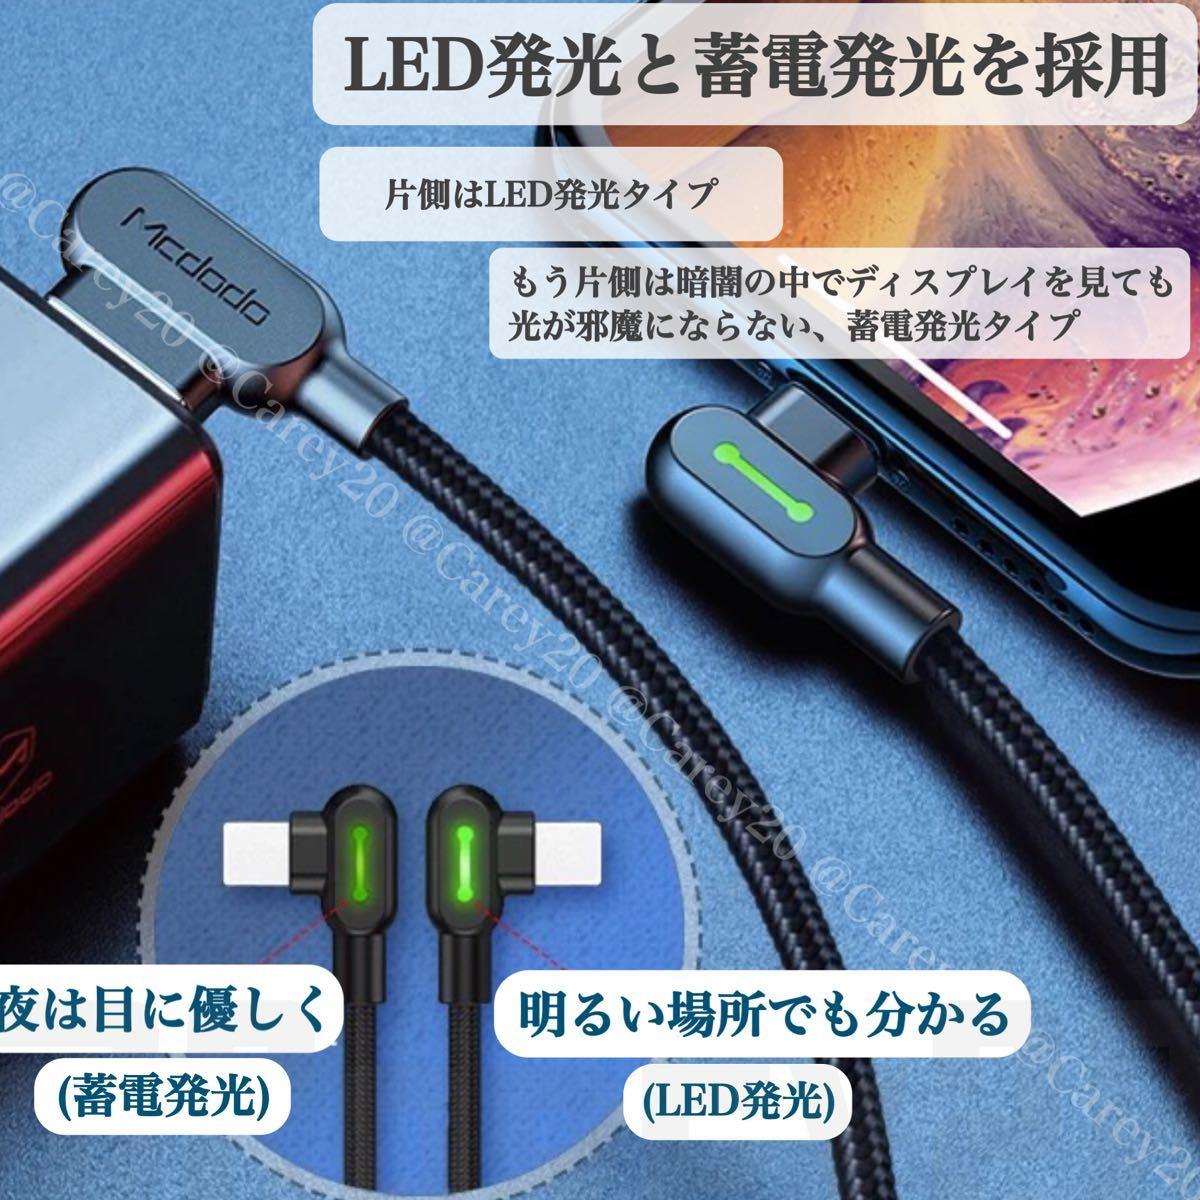 L字型 1.8m/mcdodo社 充電 ケーブル ライトニングケーブル iPhone iPad 急速 充電器 USB データ転送